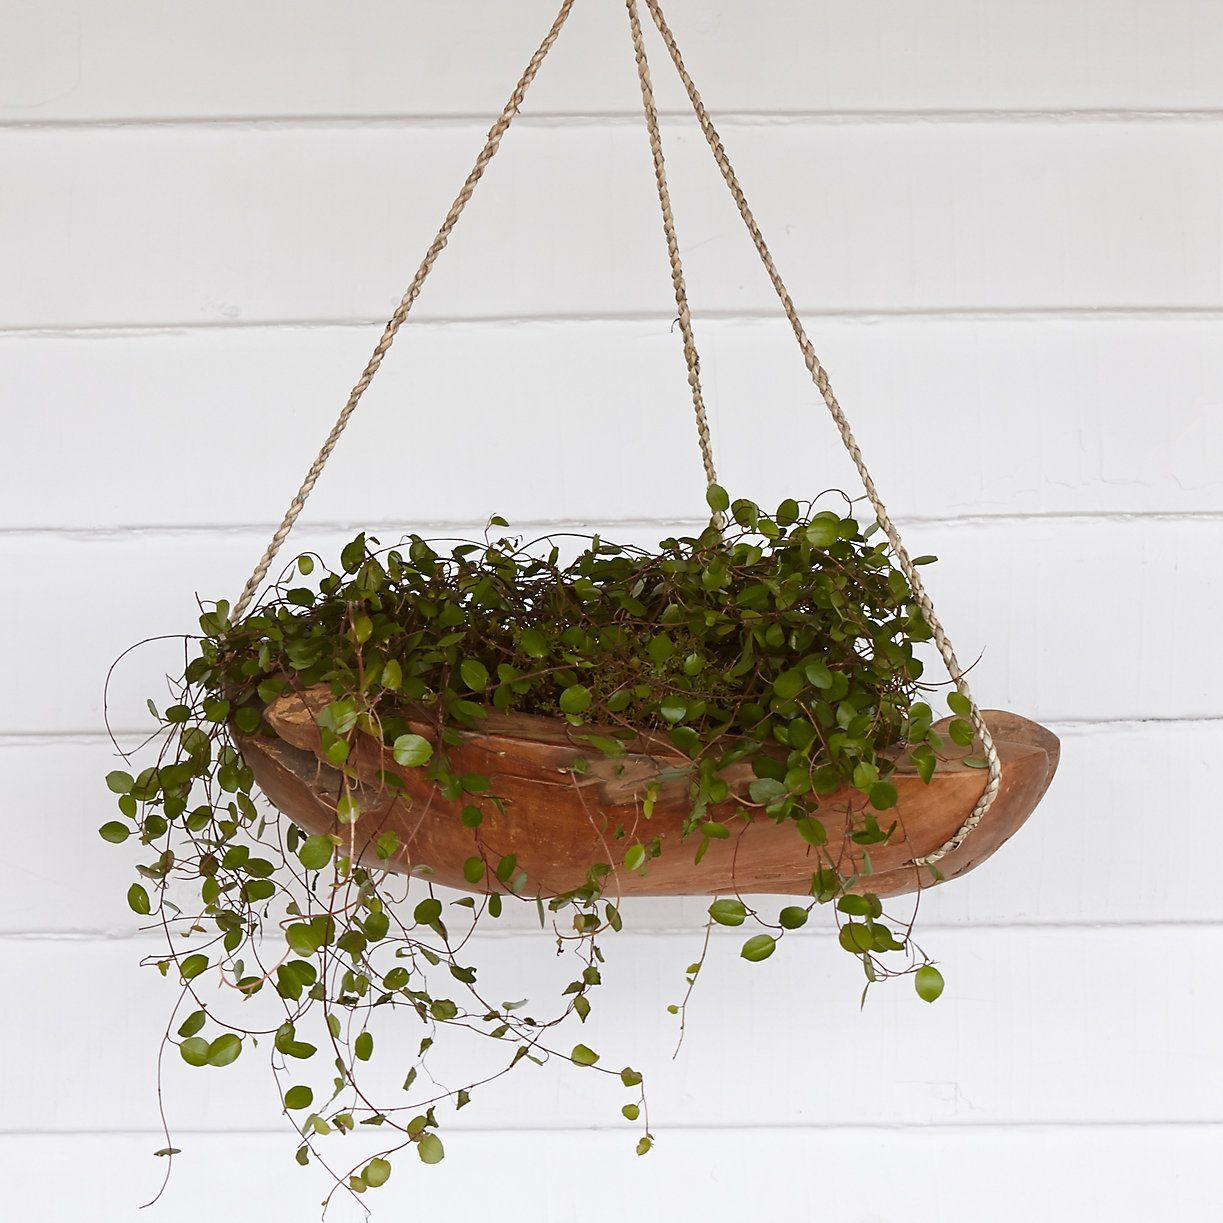 Uncategorized Hanging Planters Outdoor teak hanging planter 16 planters and garden basket in baskets at terrain